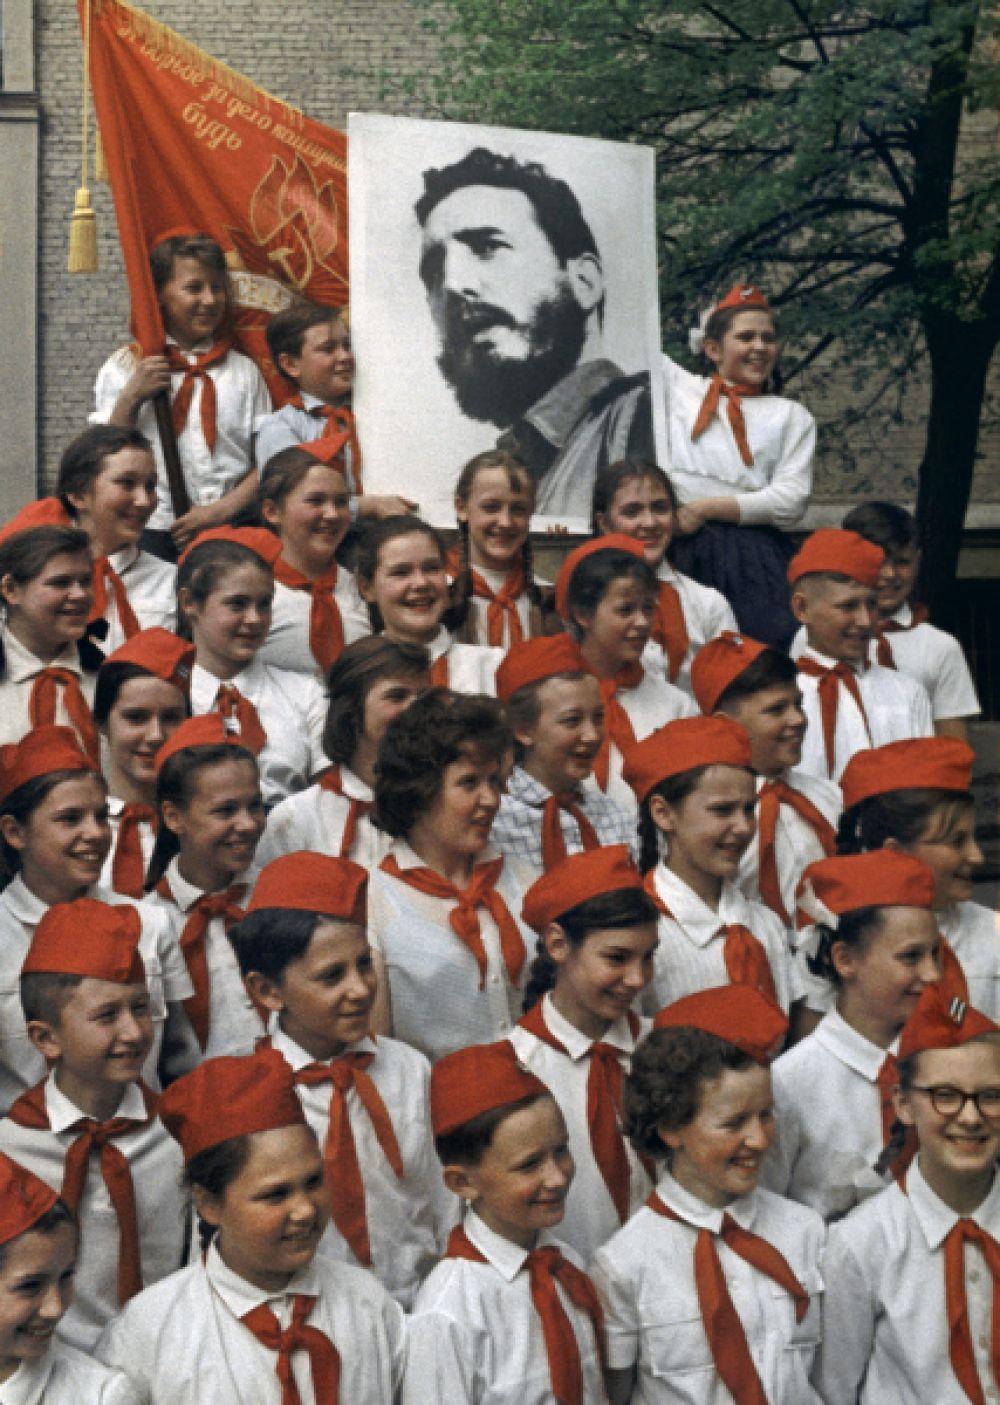 Отряд имени Фиделя Кастро московской школы № 25. 1964 год.